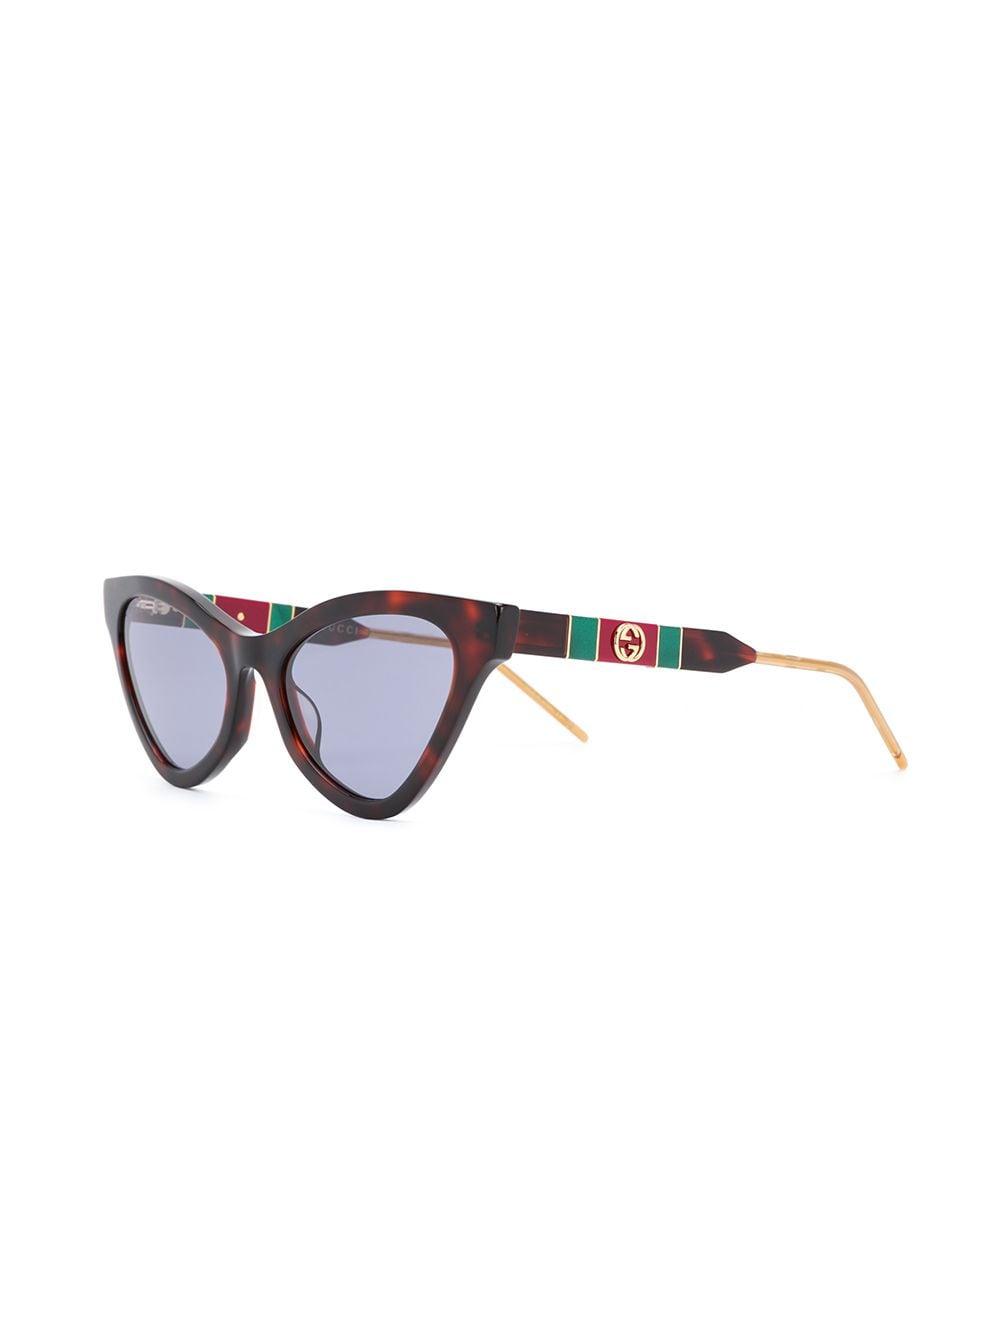 Gucci Eyewear $421.00